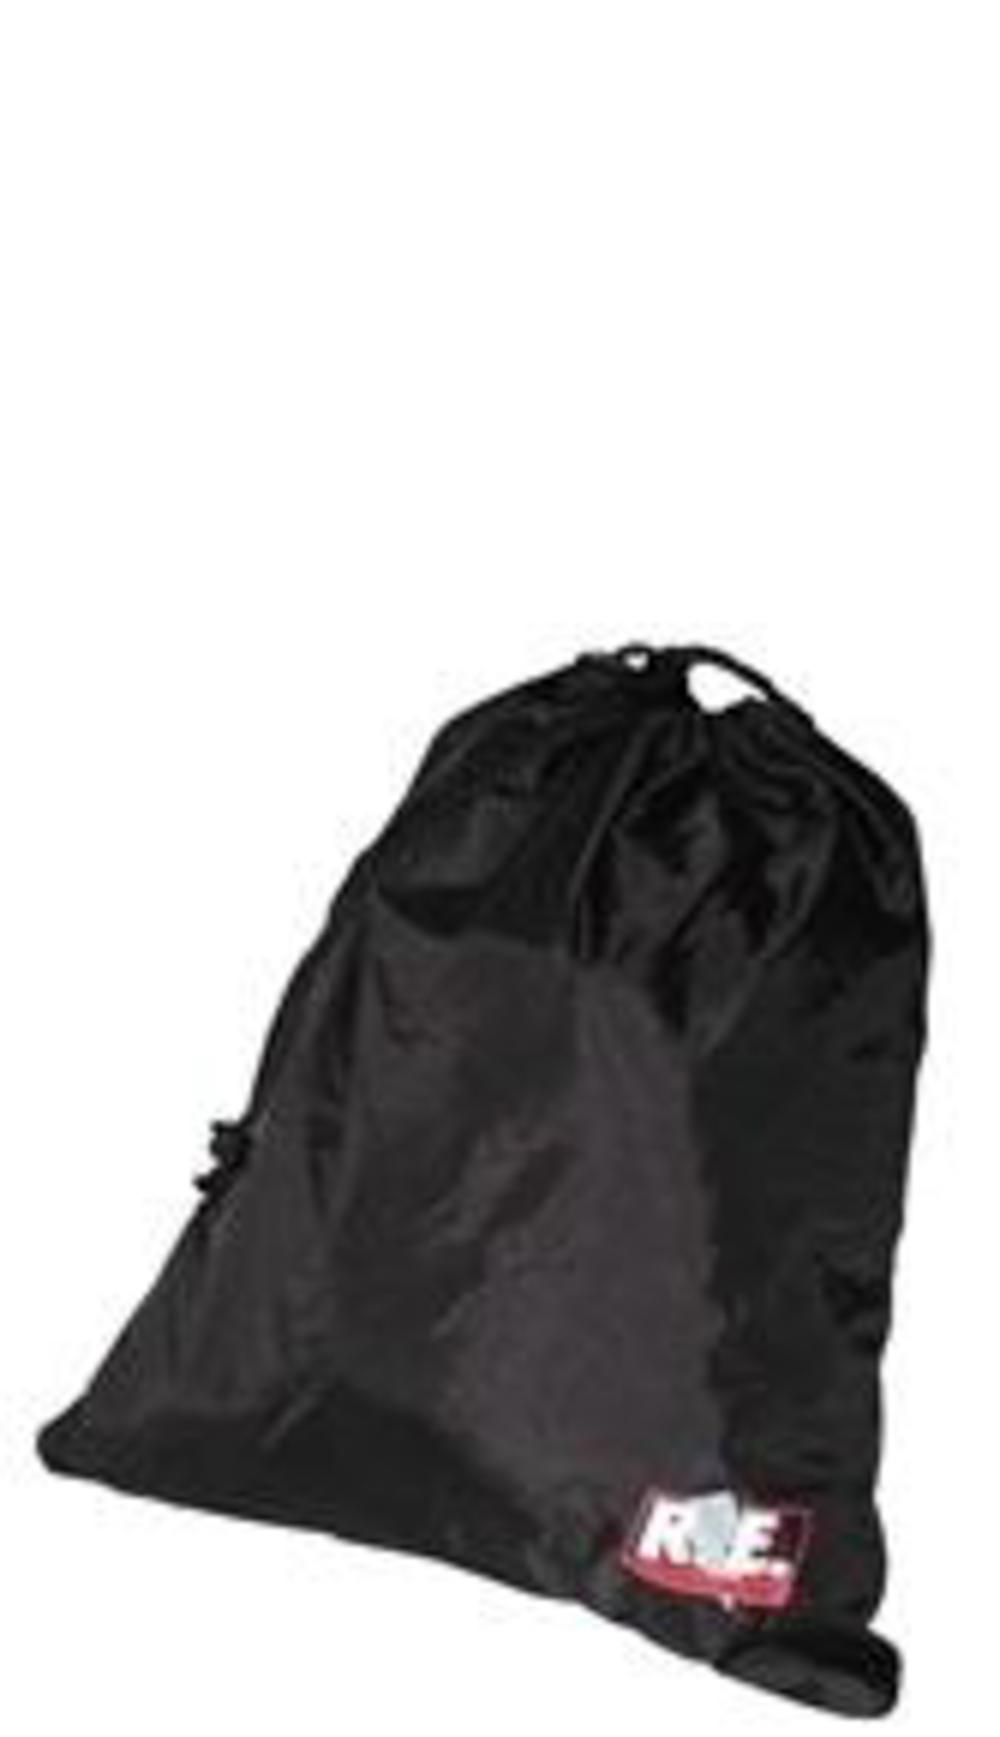 Headset Bag - Black Nylon